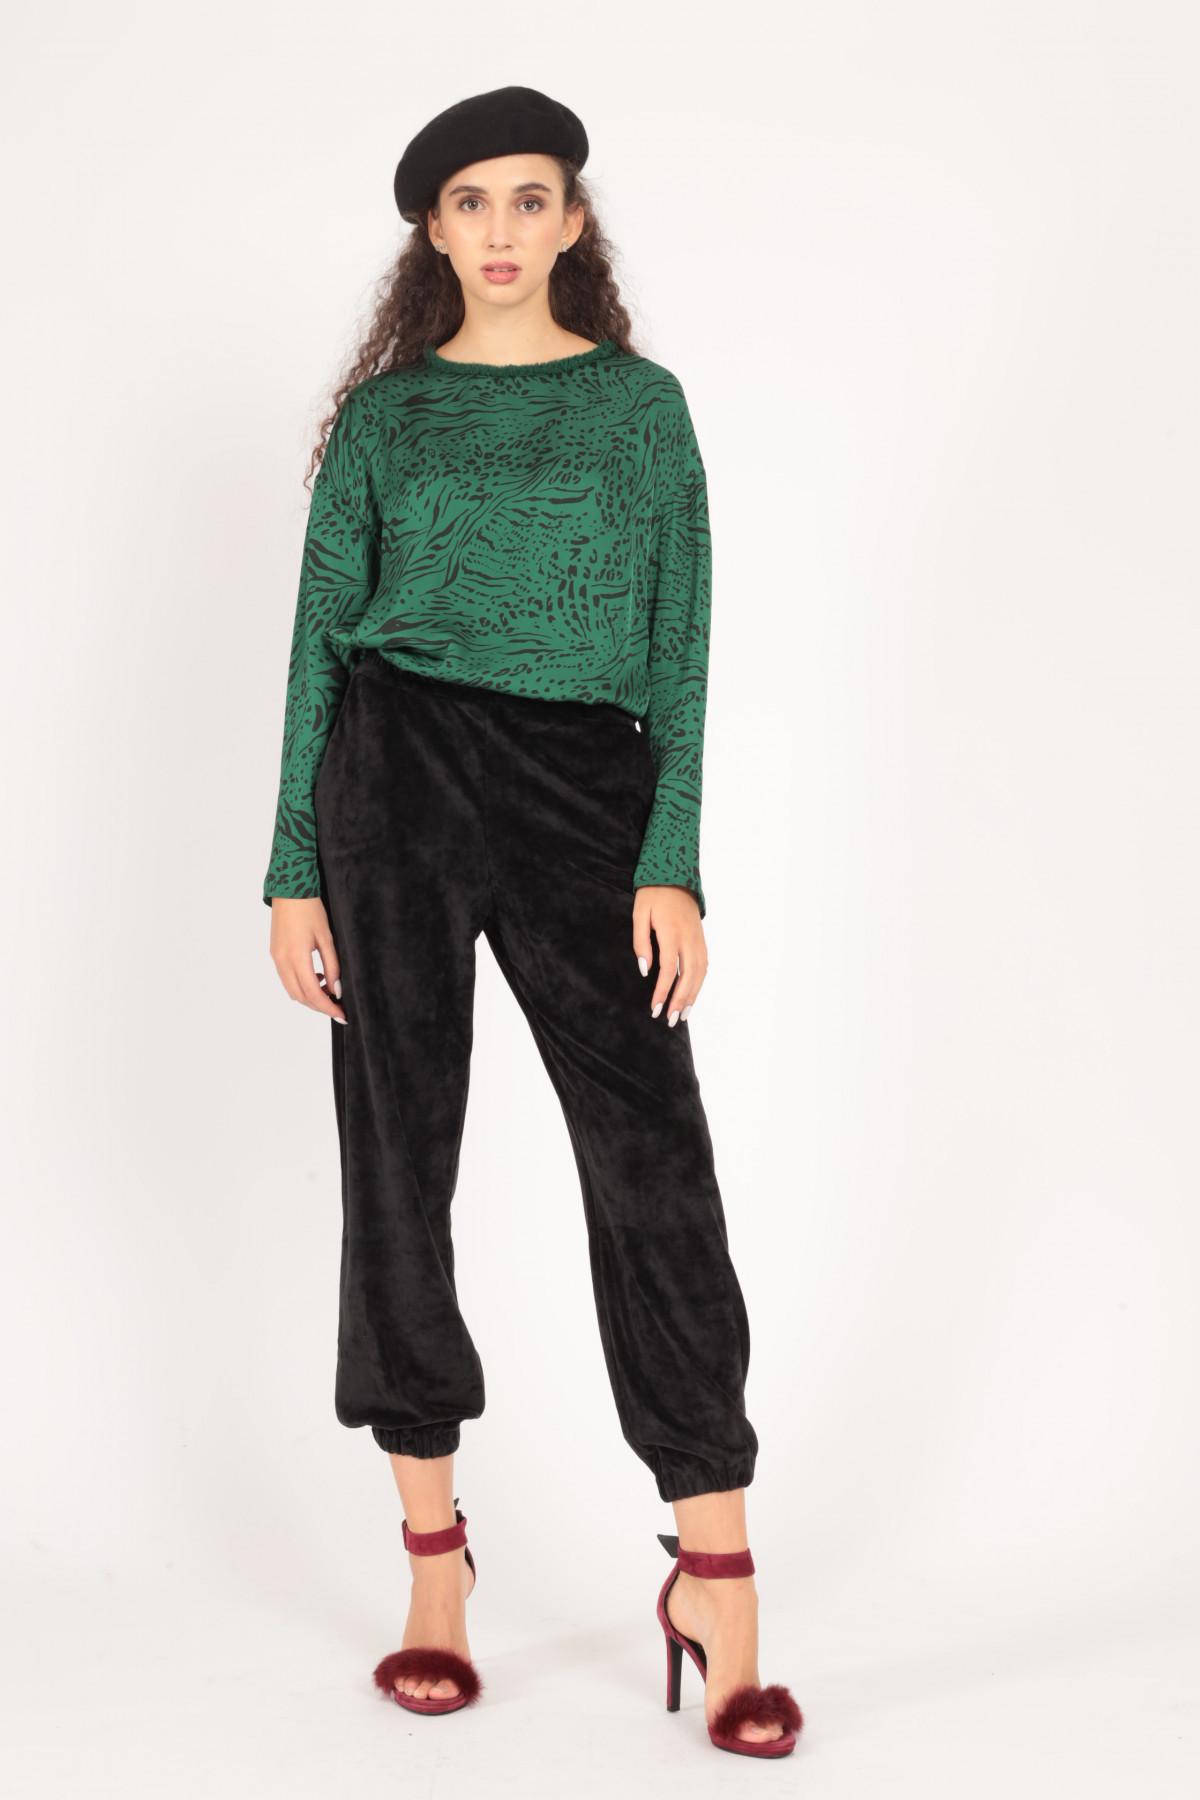 Velvet Effect Jogger Style Pants